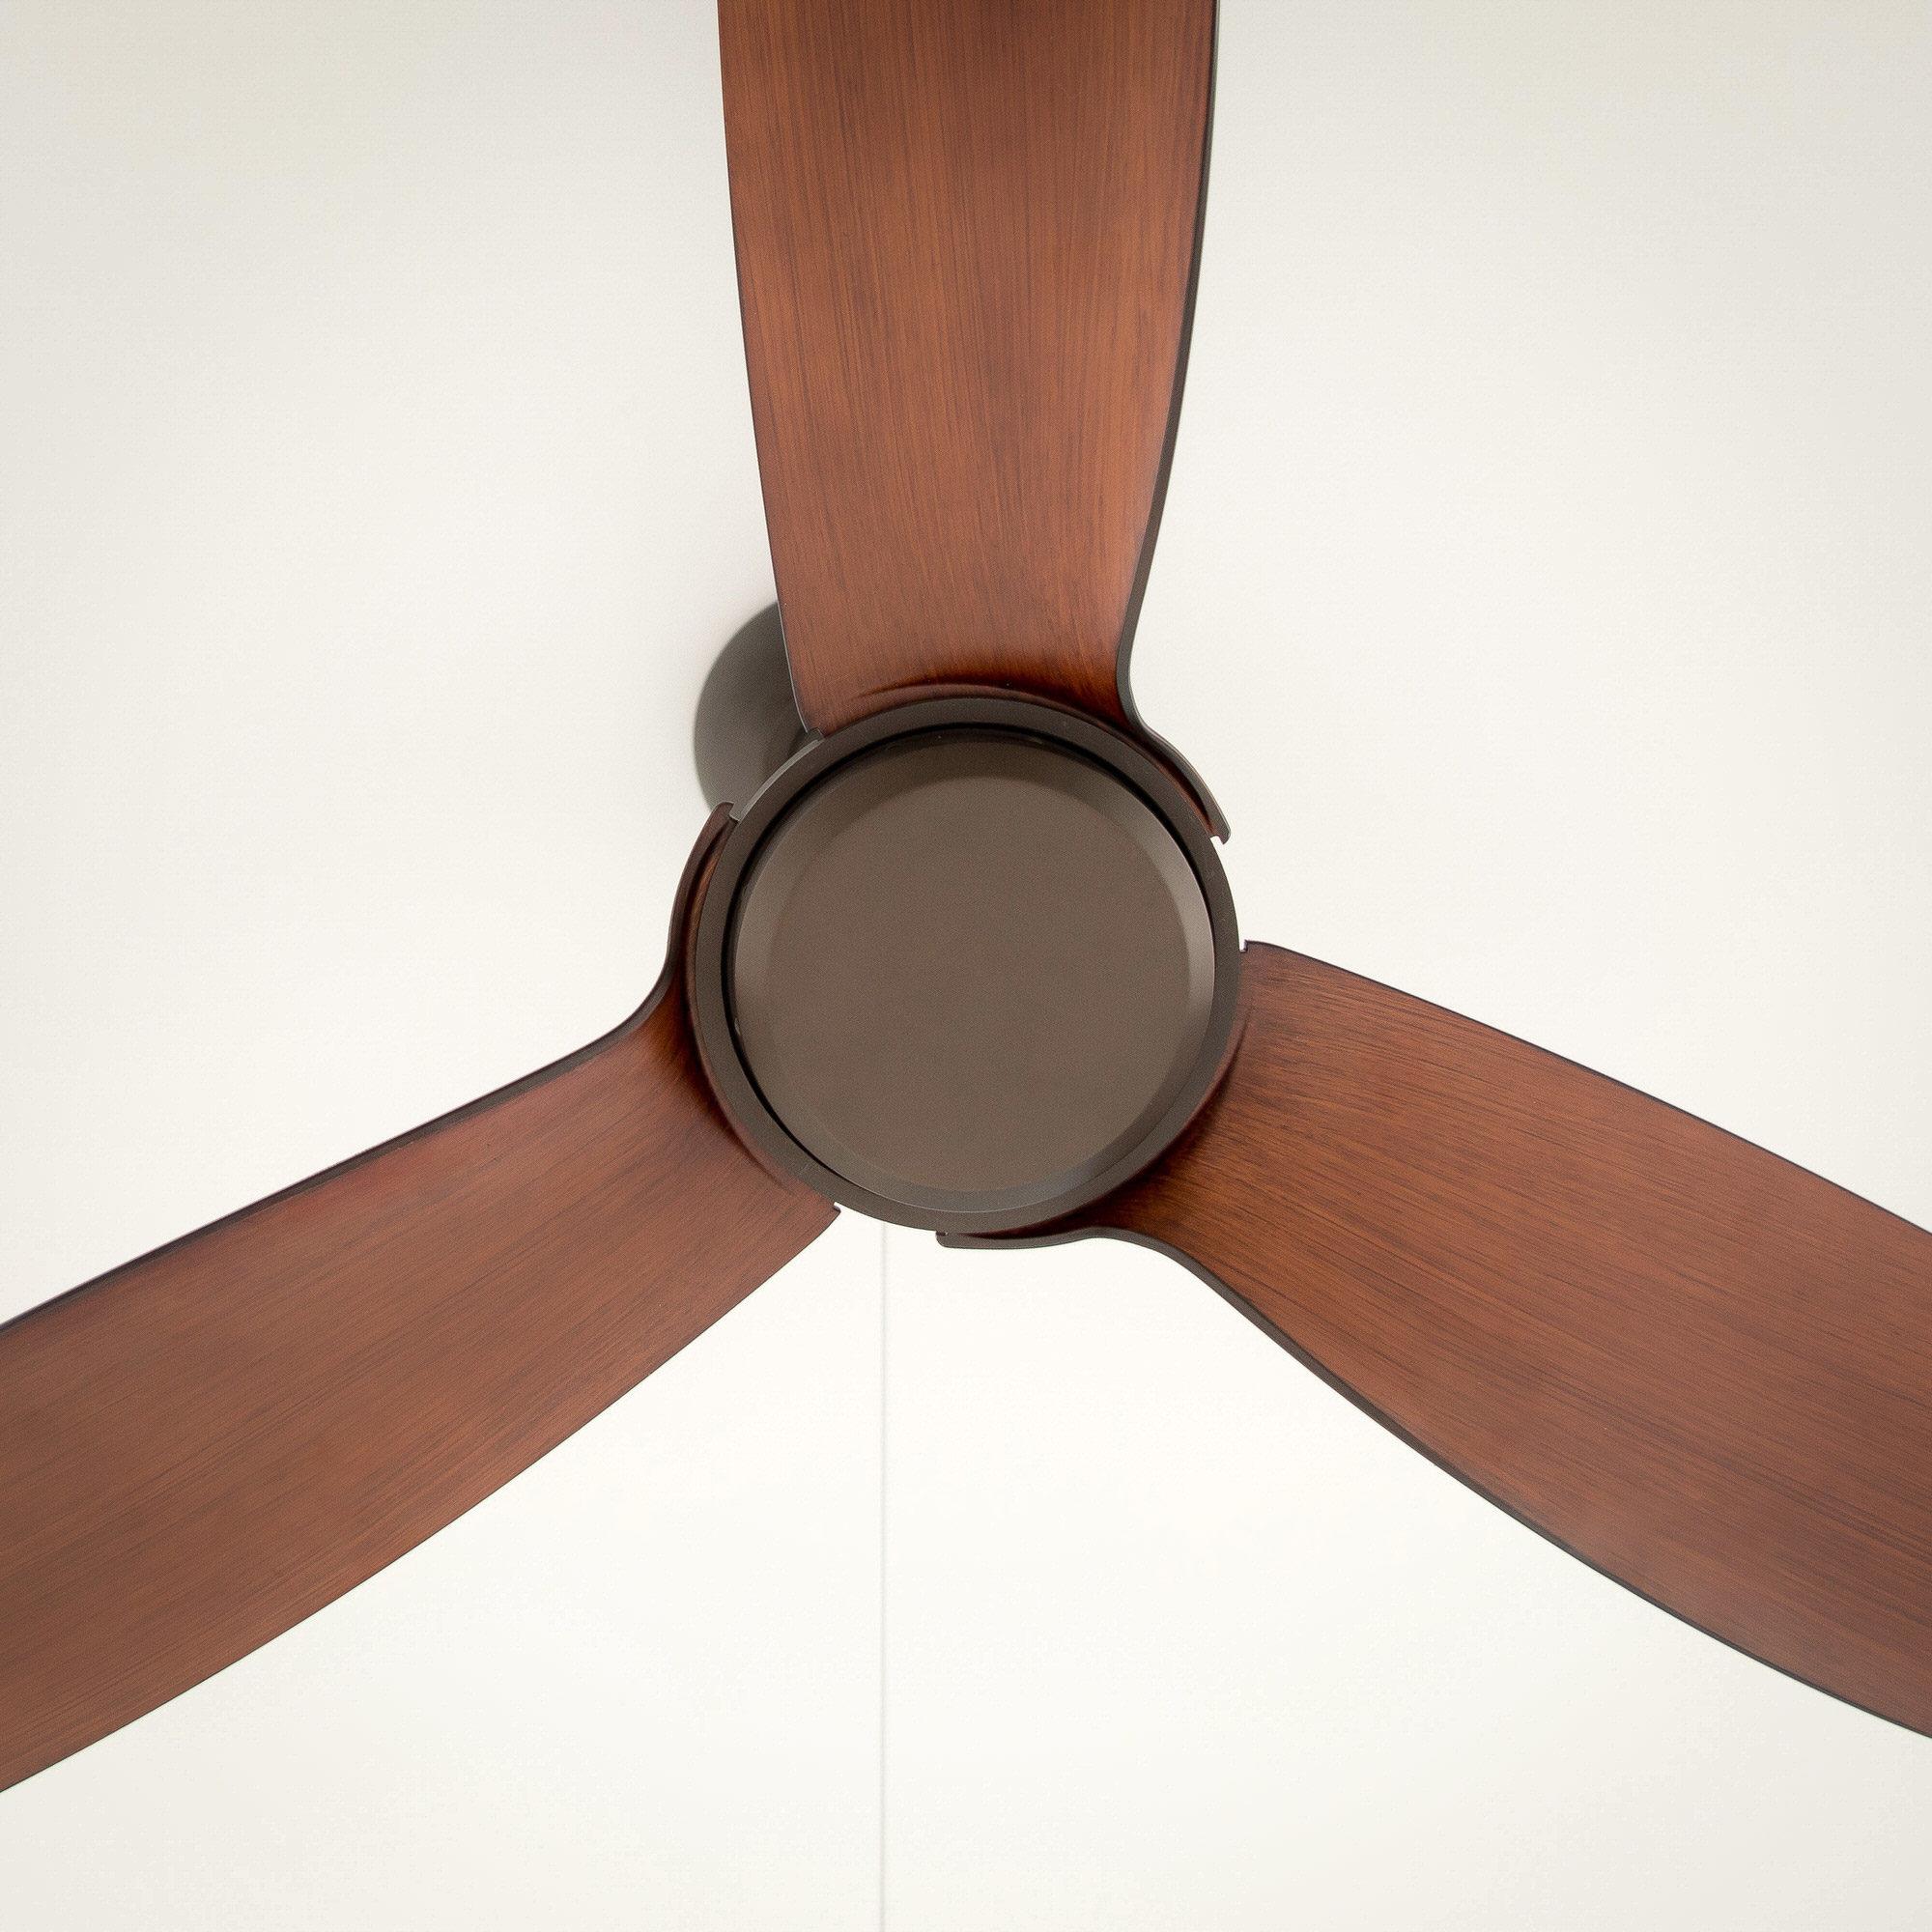 Trintiy TRI56 Ceiling Fan 3 Square